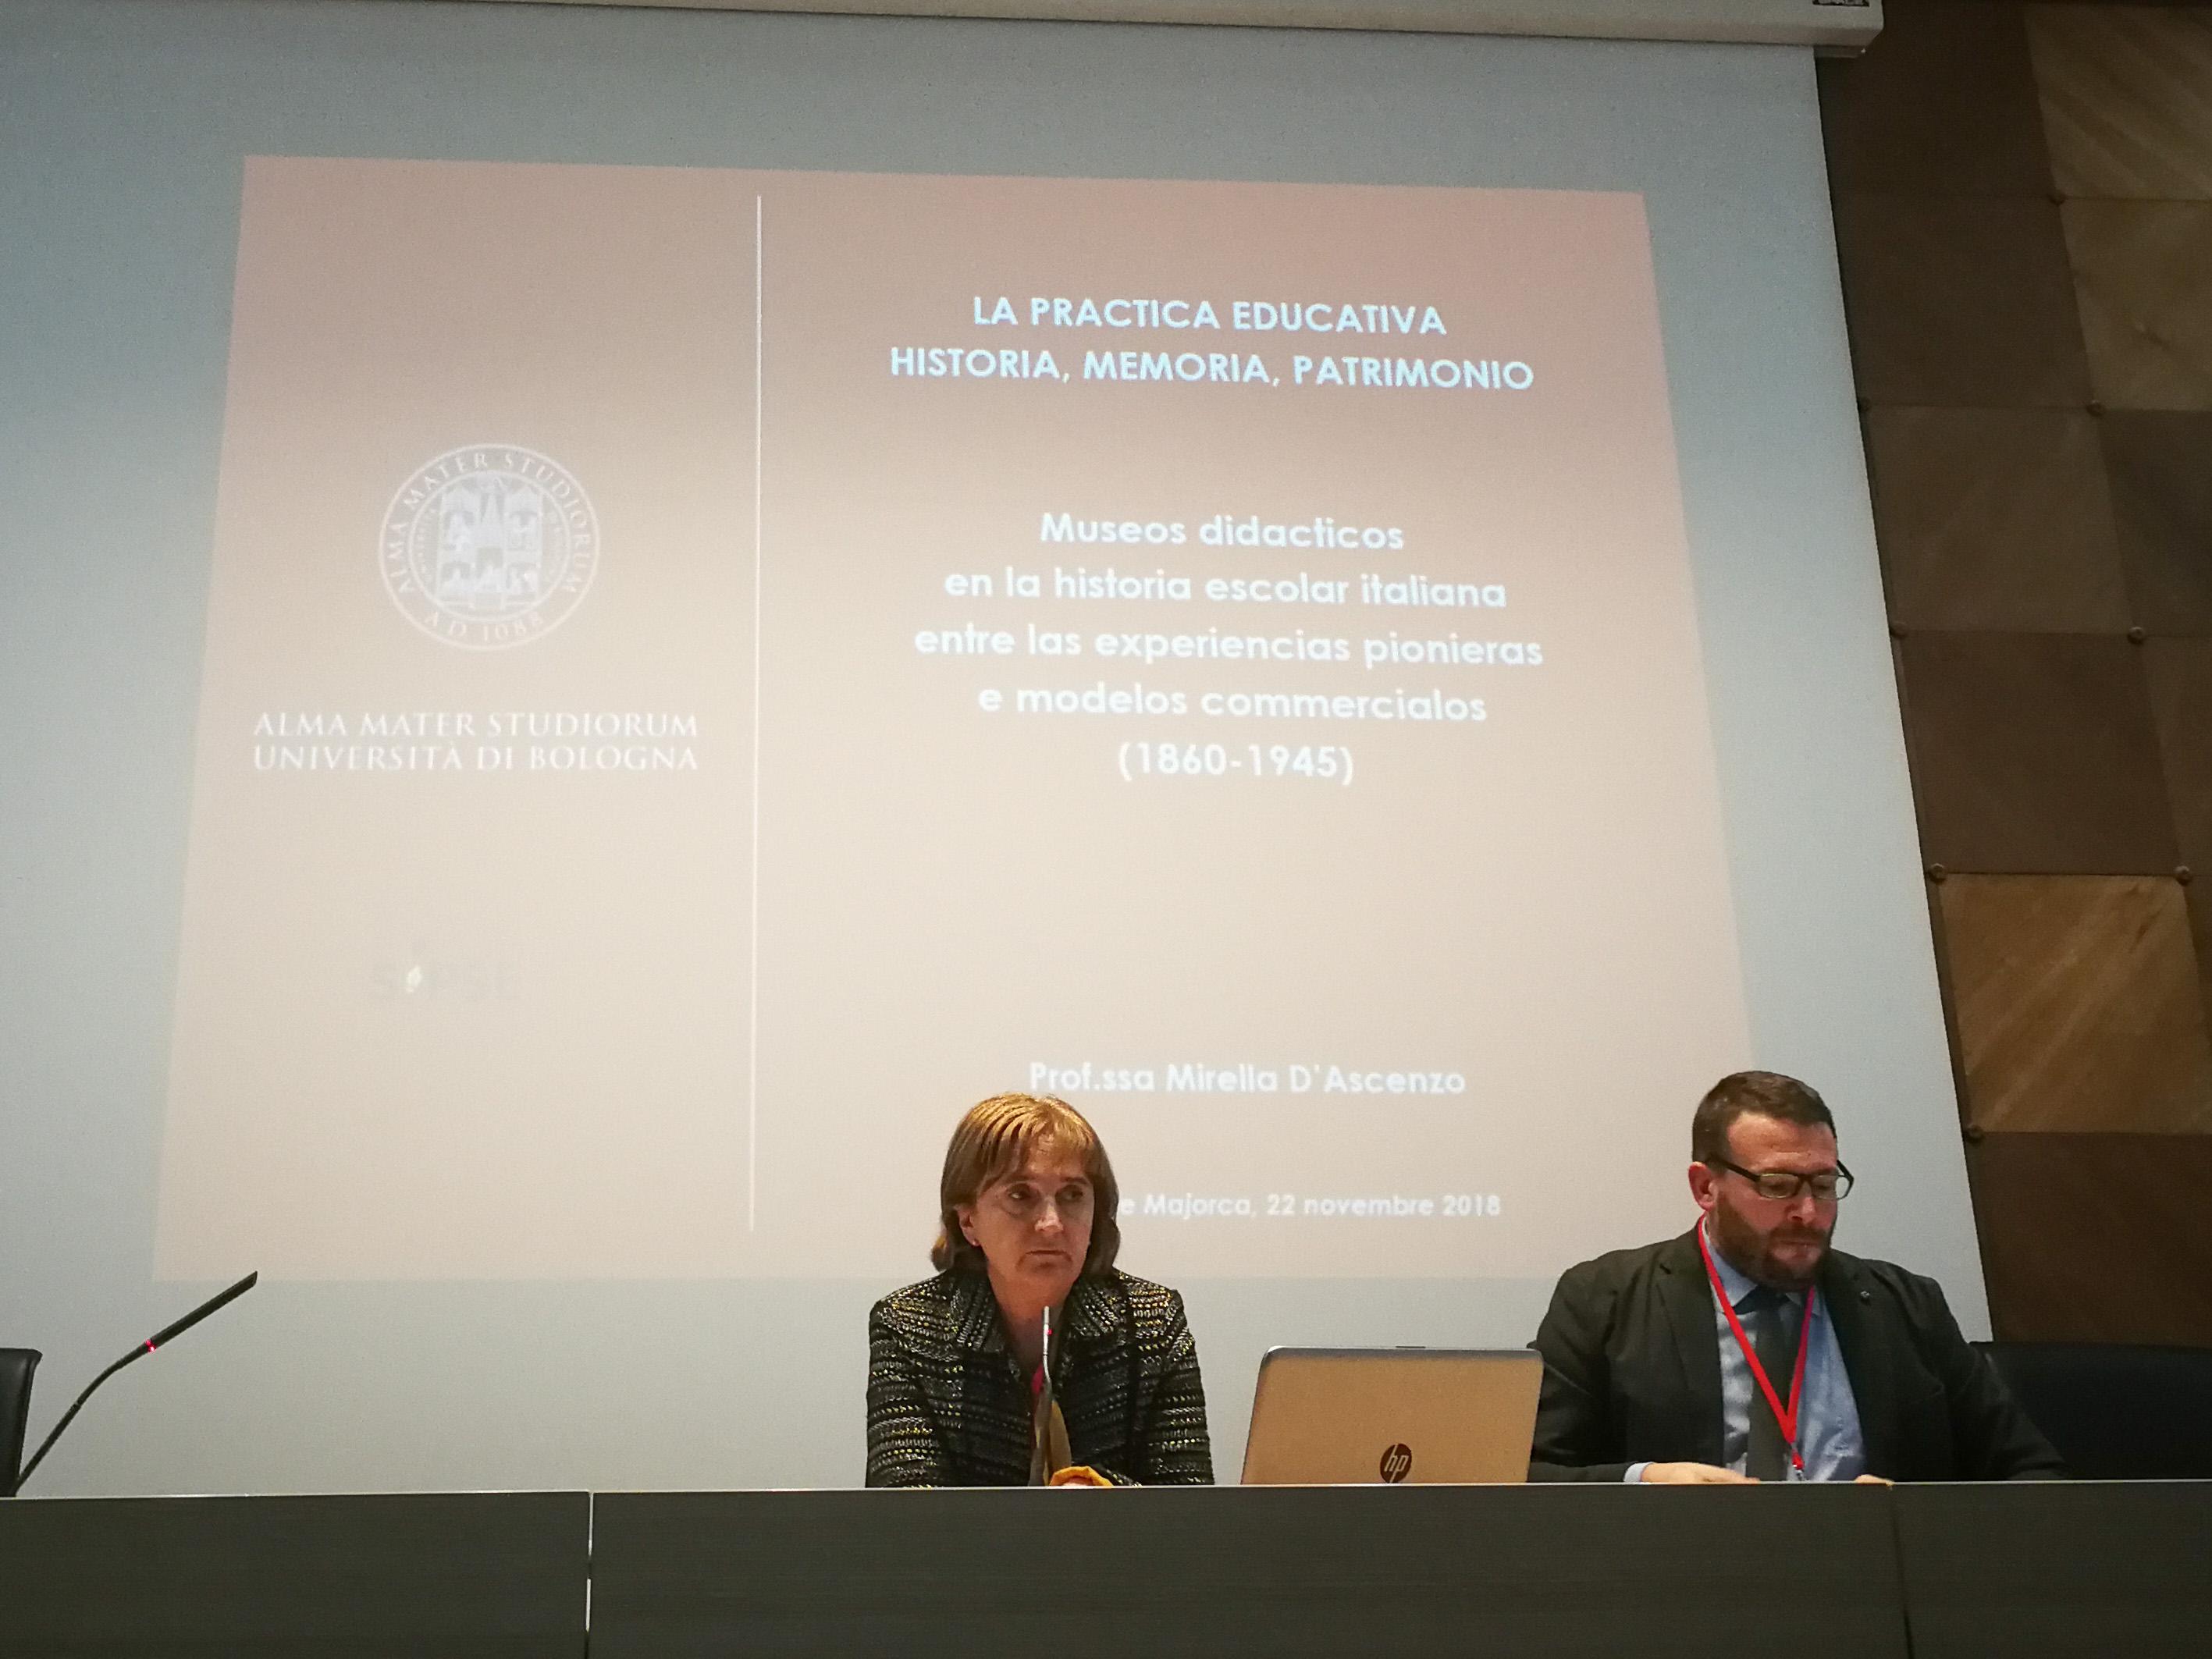 La practica educativa_PalmadiMaiorca-160813